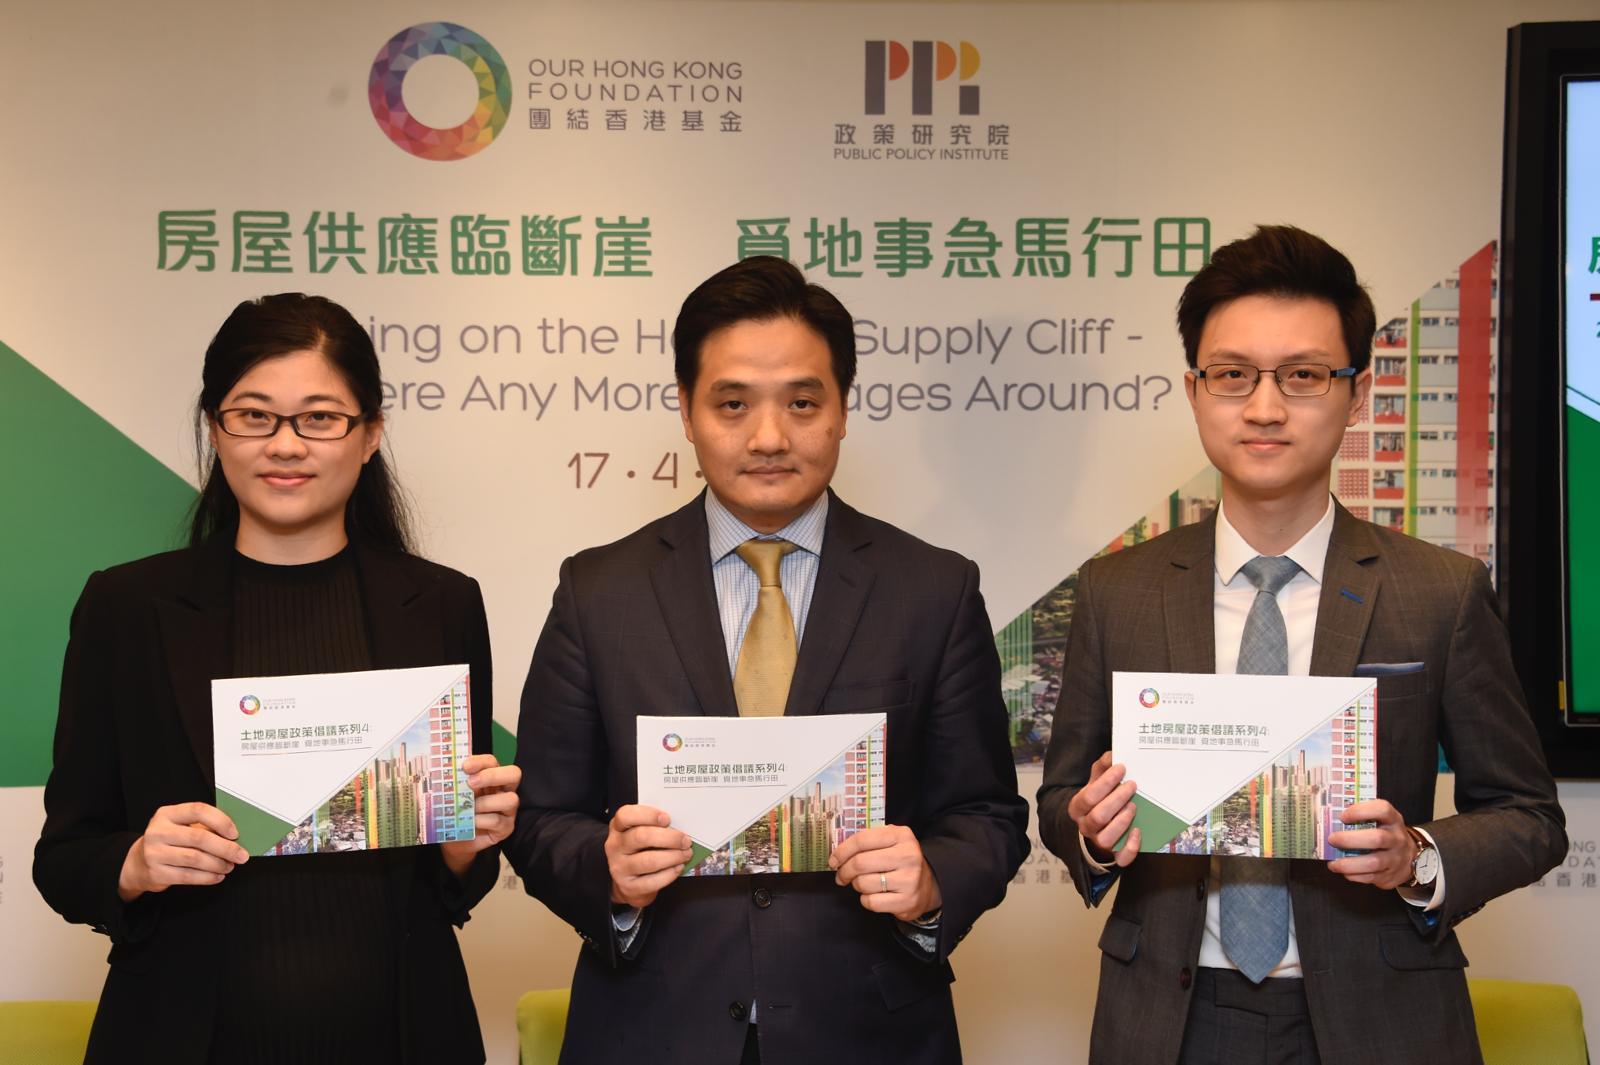 团结香港基金发表新一期土地及房屋政策倡议报告,表示公屋平均轮候时间将突破6年。